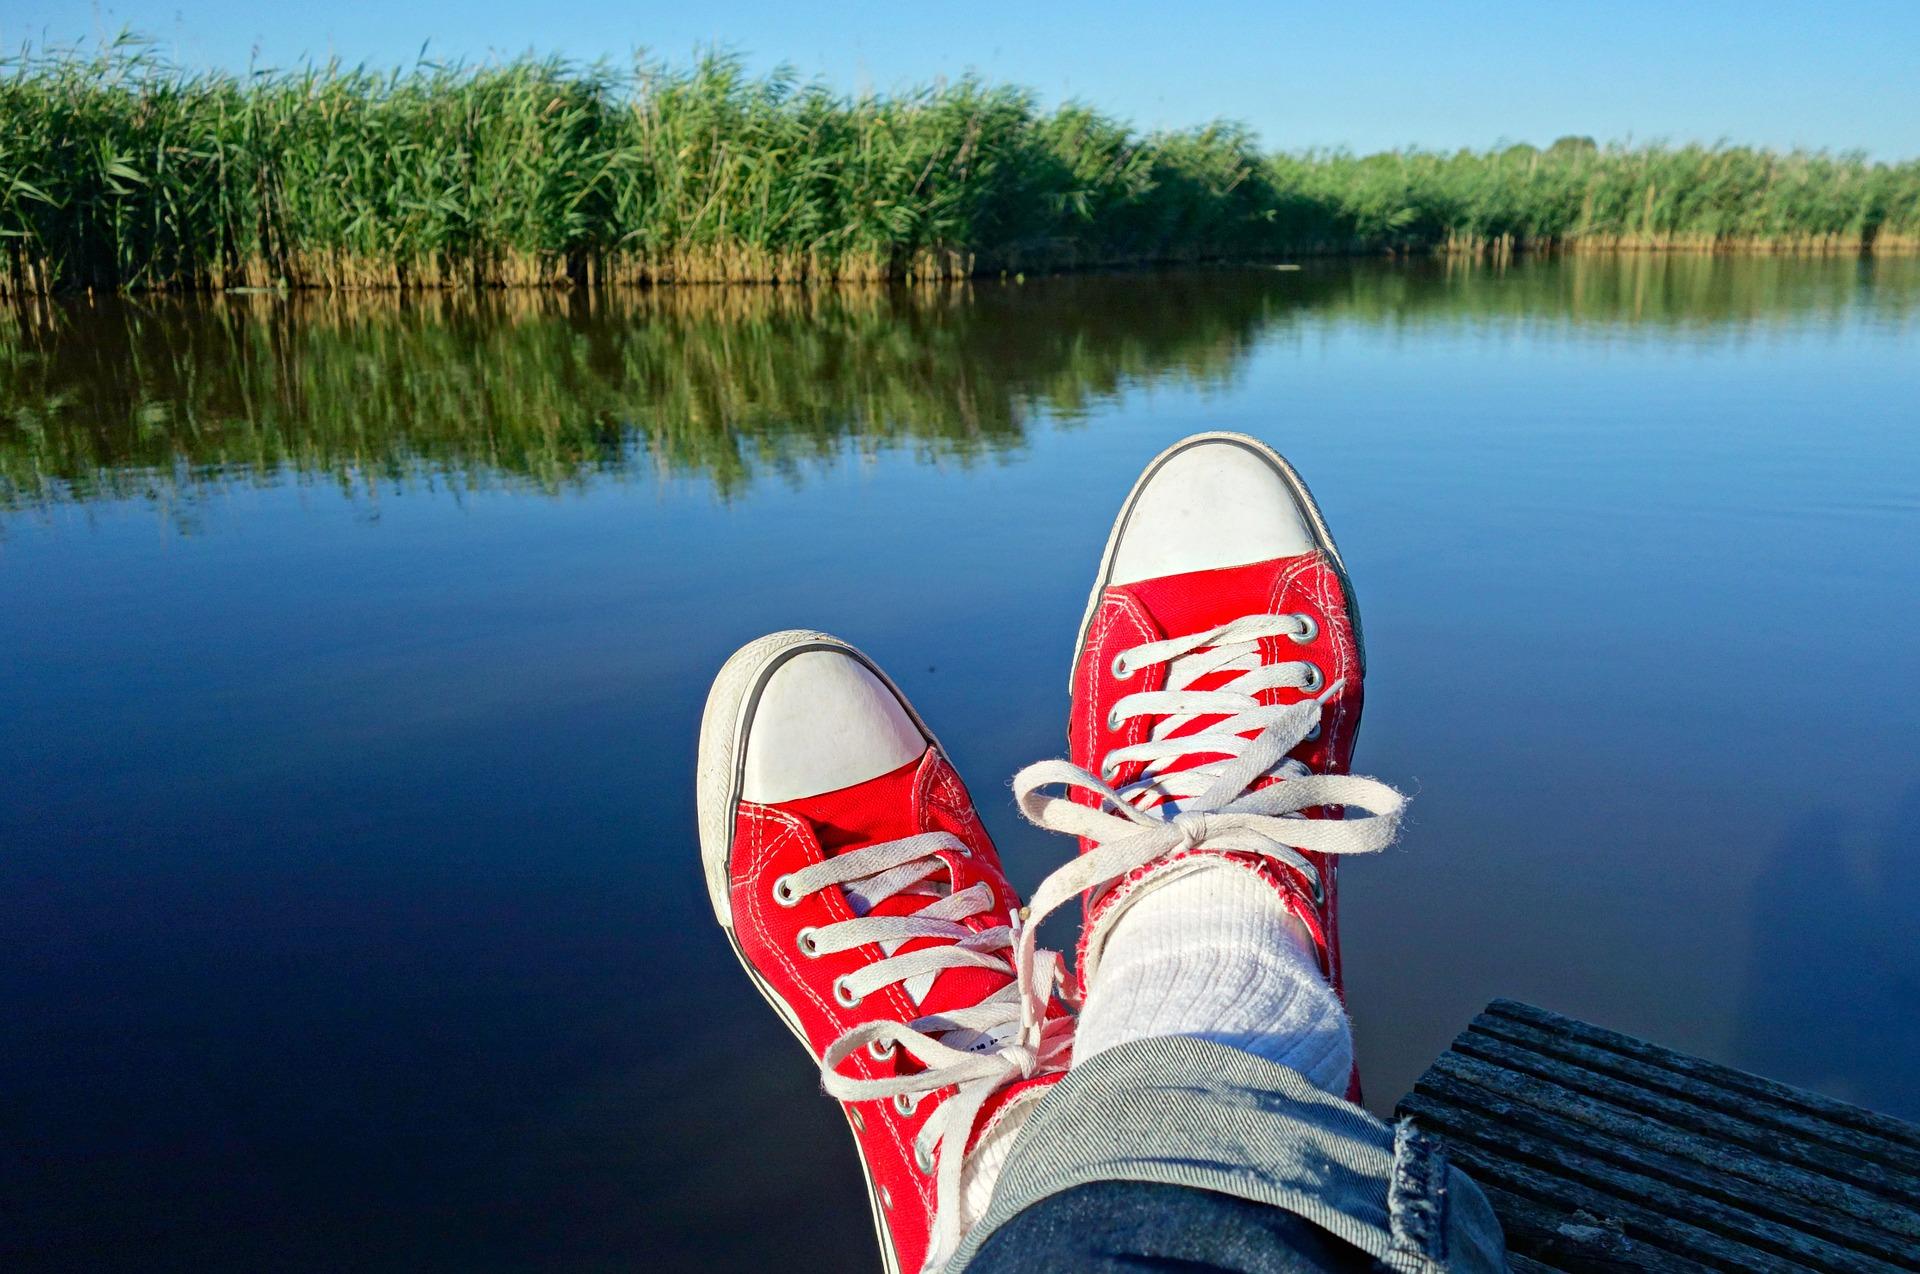 Feet on lake (taking break)